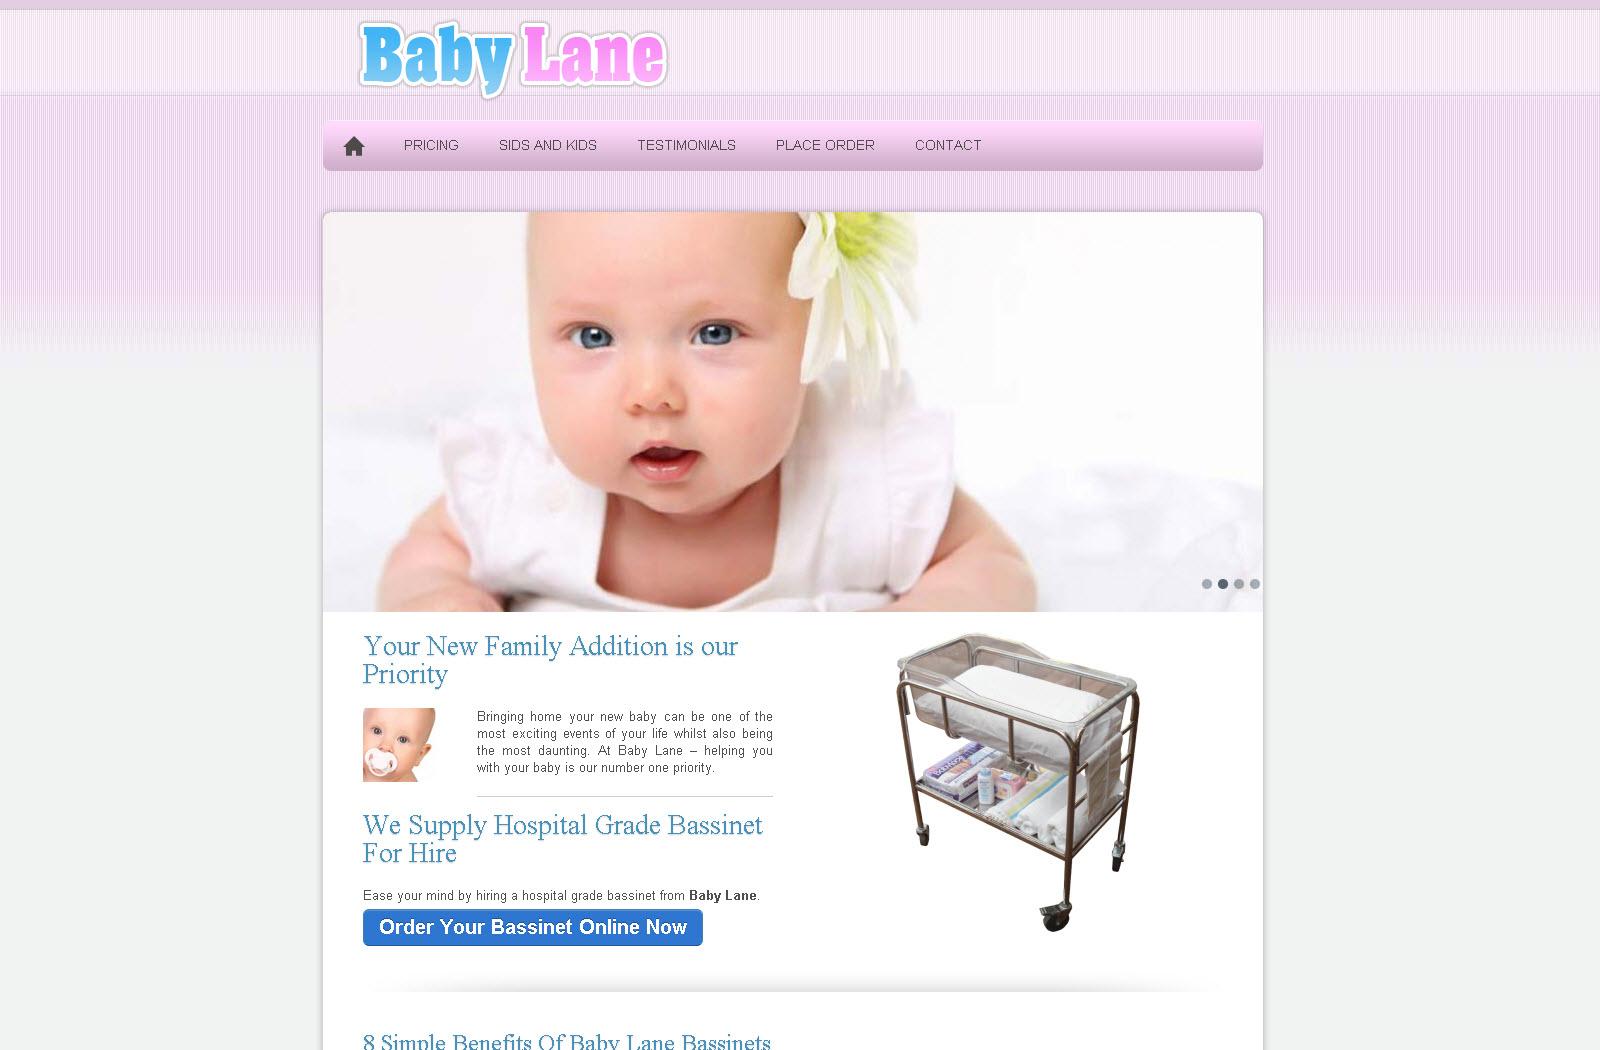 Baby Lane